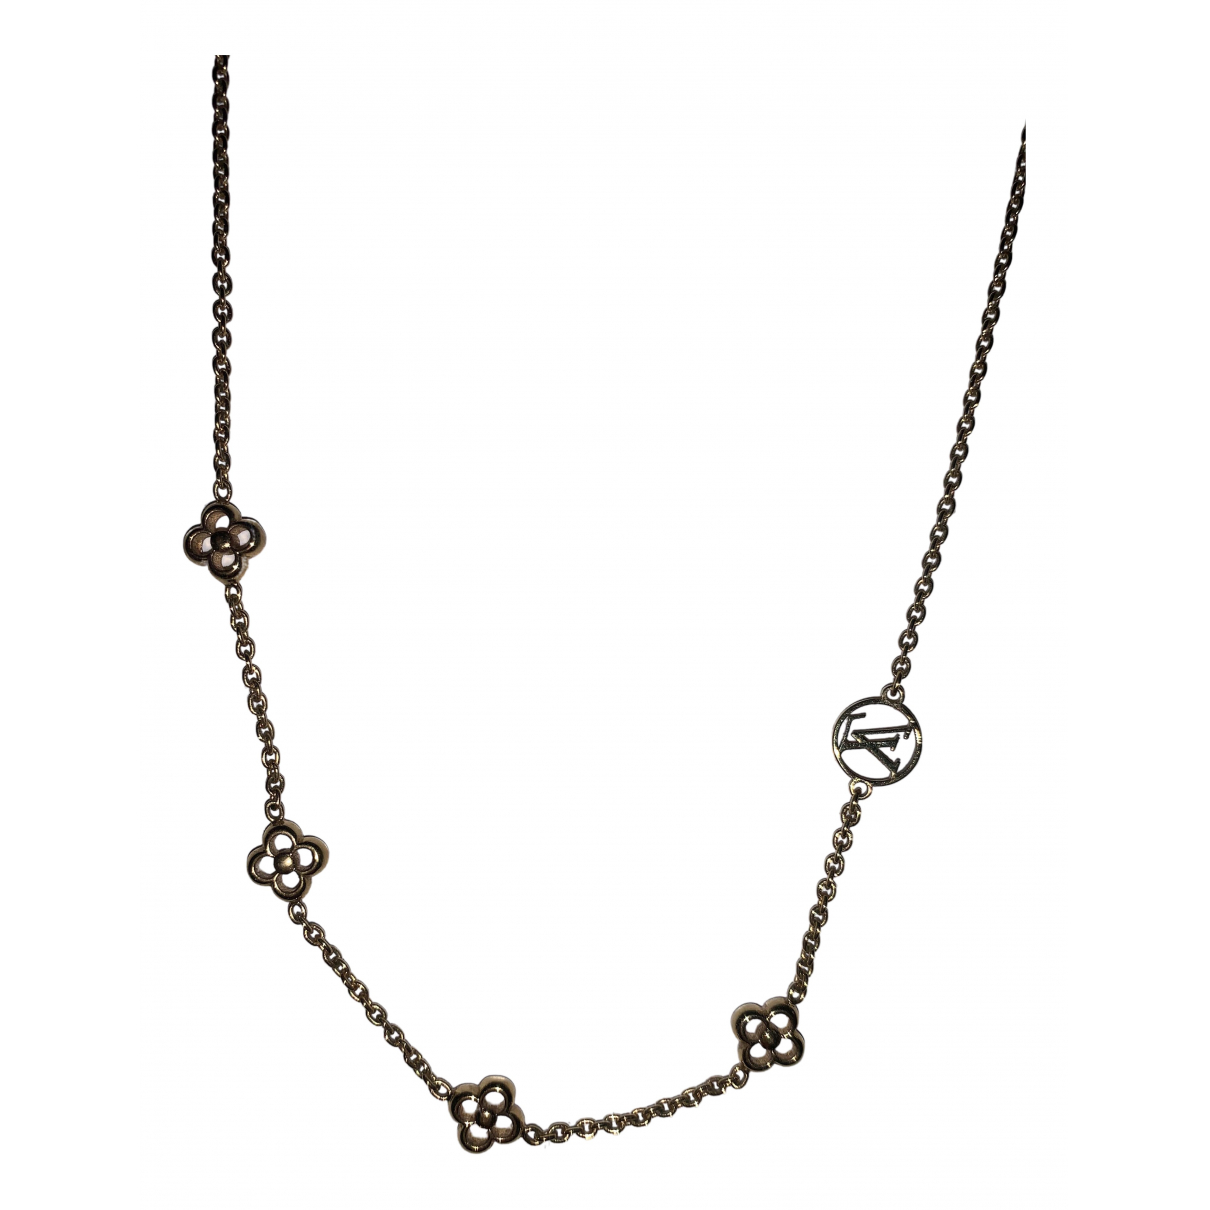 Louis Vuitton - Collier Monogram pour femme en plaque or - dore